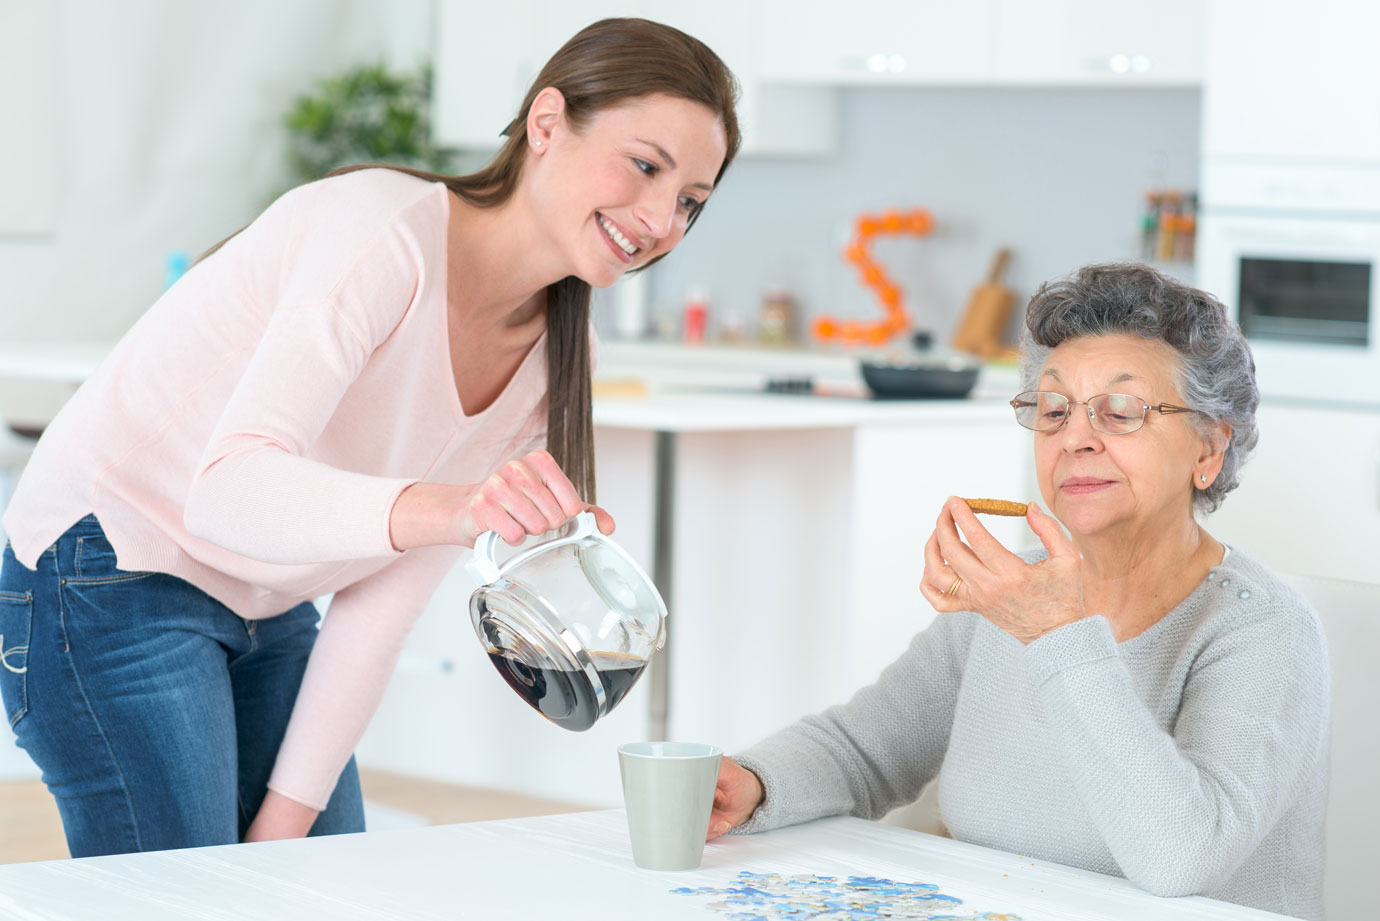 両親・祖父母が一人暮らしになったら?知っておきたいサービス付き高齢者向け住宅(サ高住・サ付き)の基礎知識